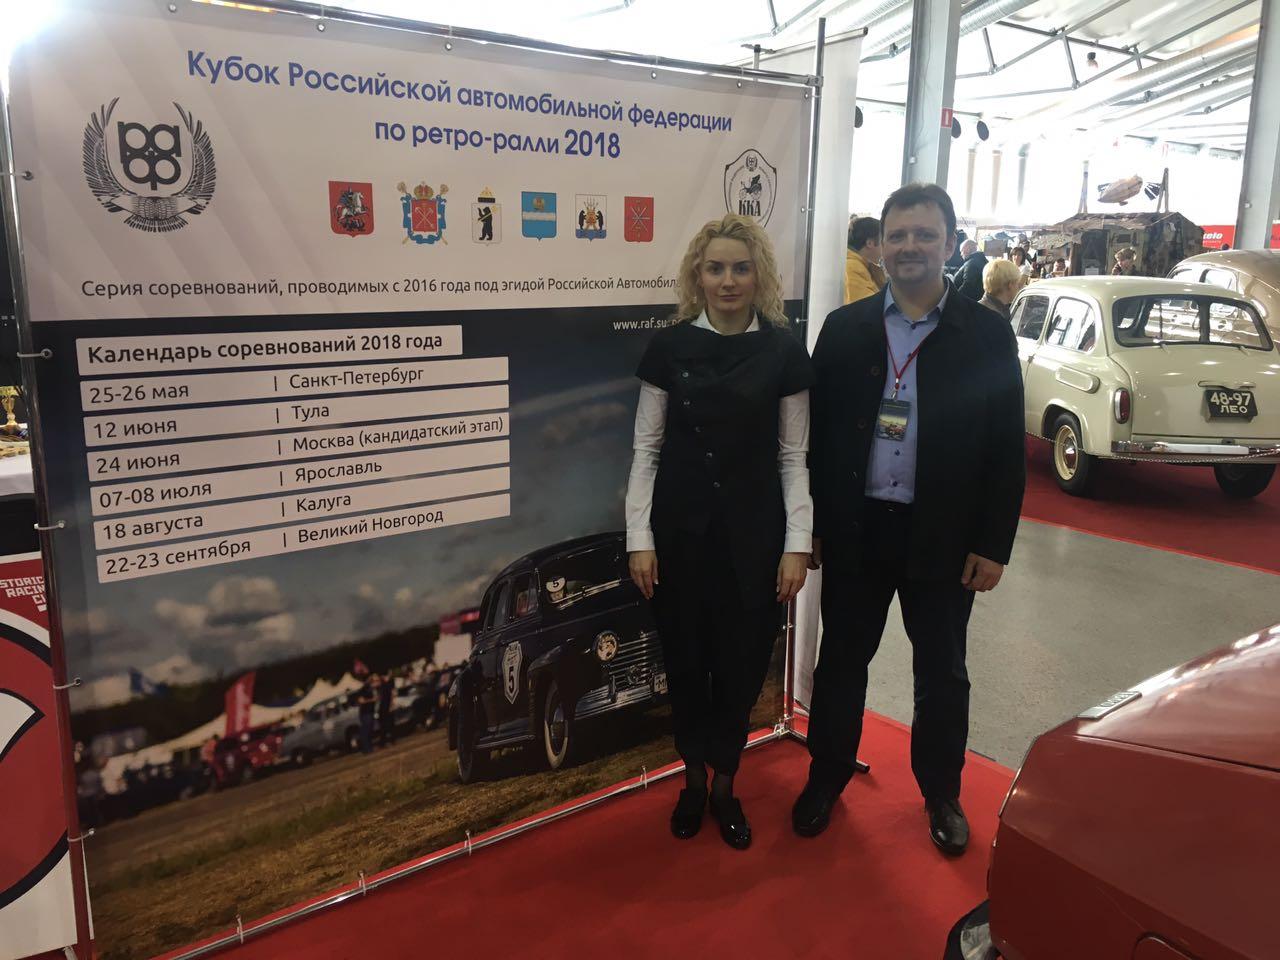 В сентябре в Новгородской области пройдет ретро-ралли